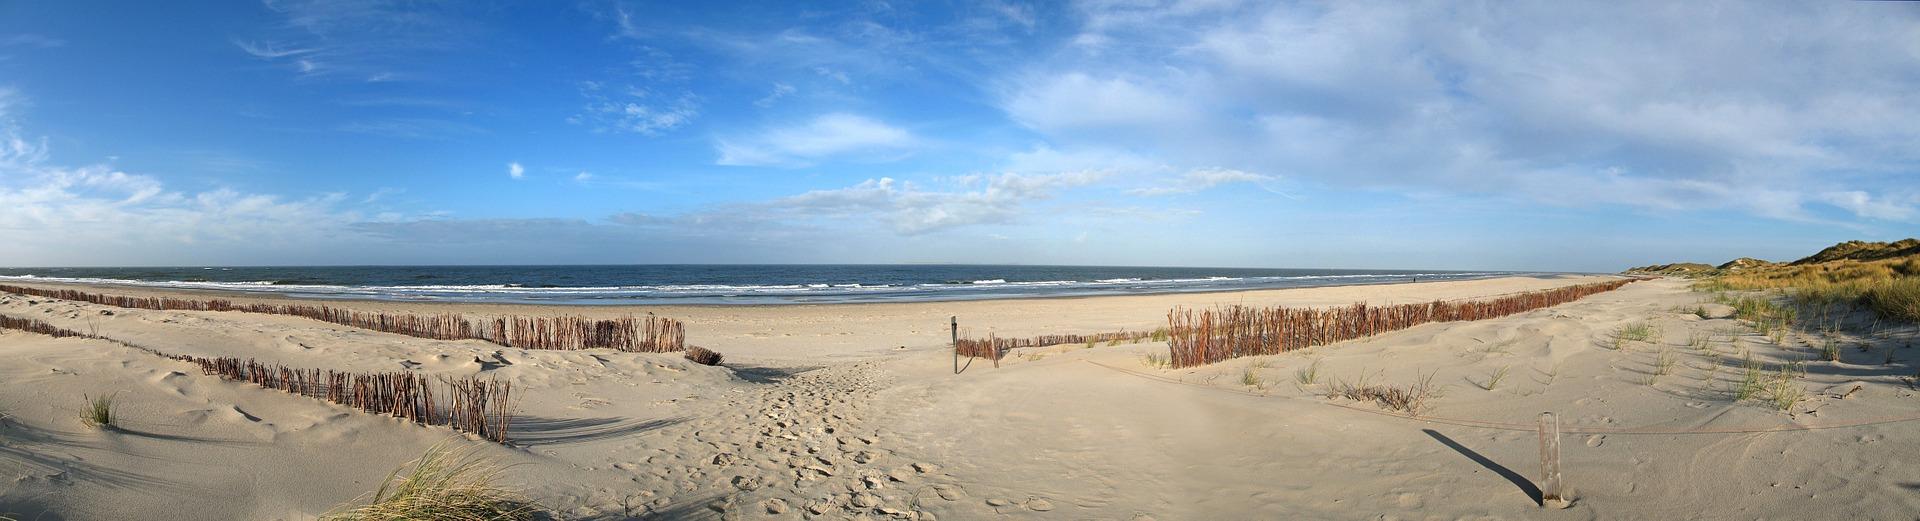 Nordfriesische Inseln 41 Unterkünfte ab 43,00€ Reise Deals